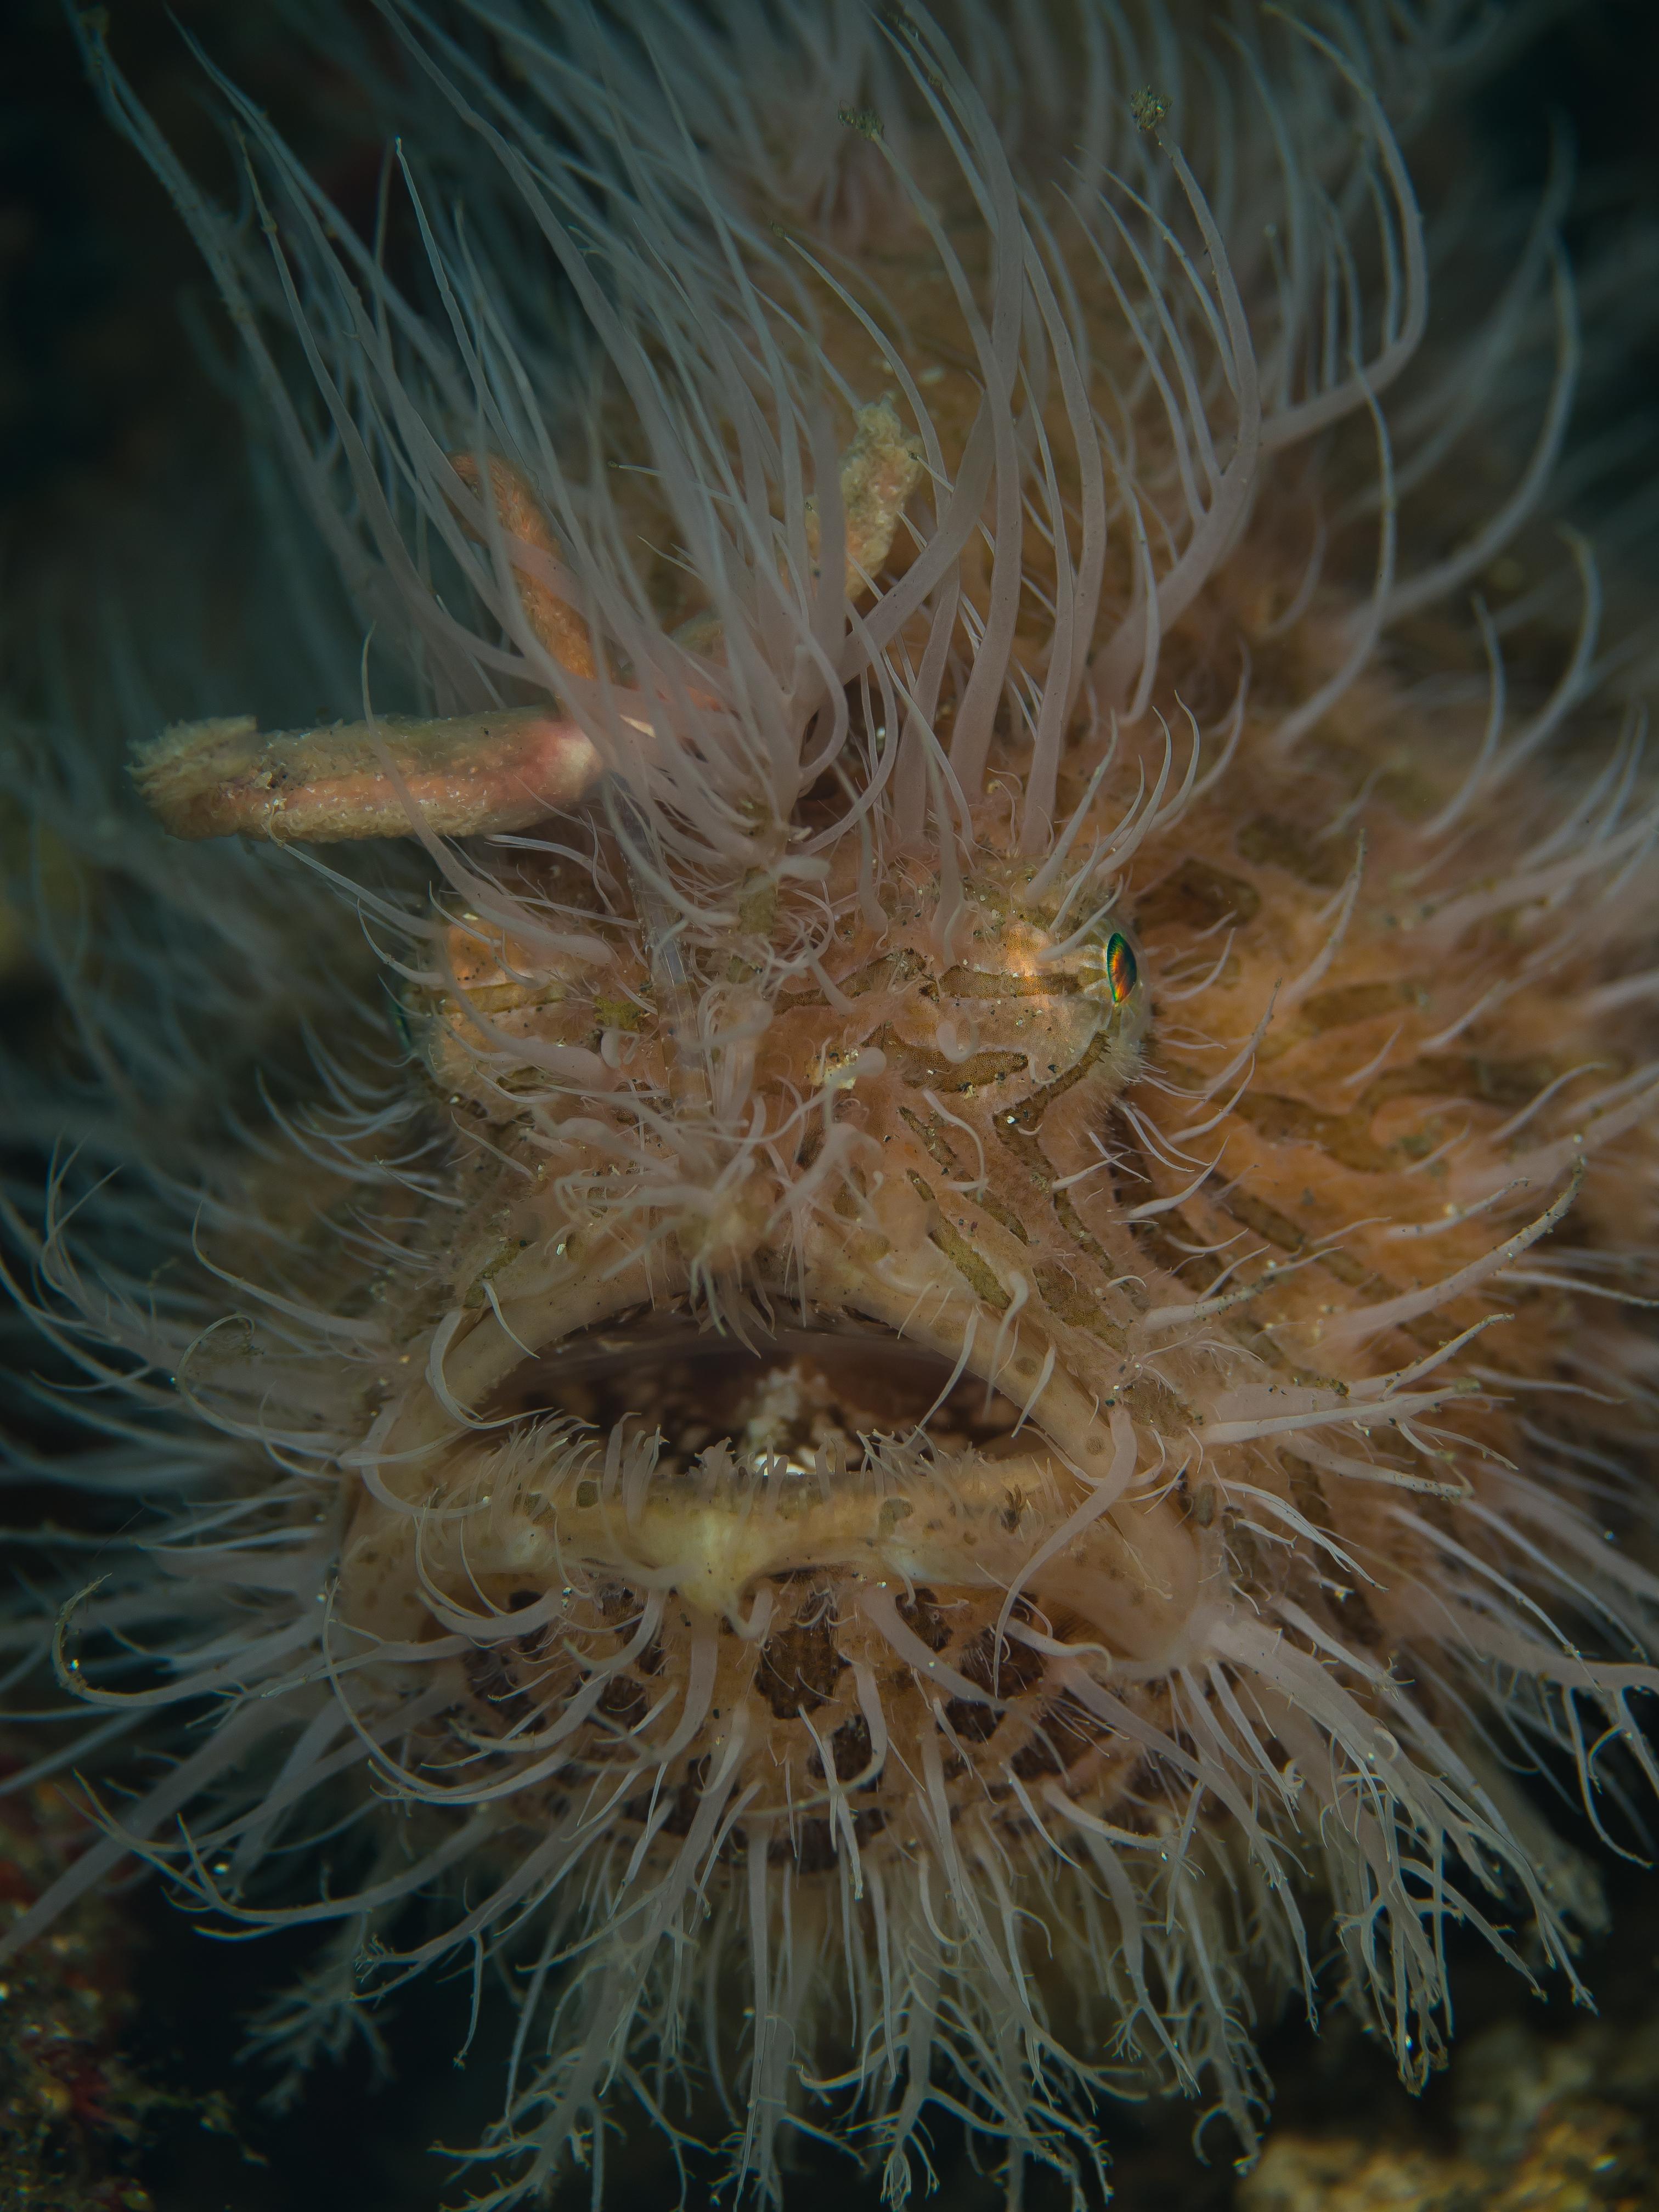 MiekeNoordanus_Hairy_frogfish-40257